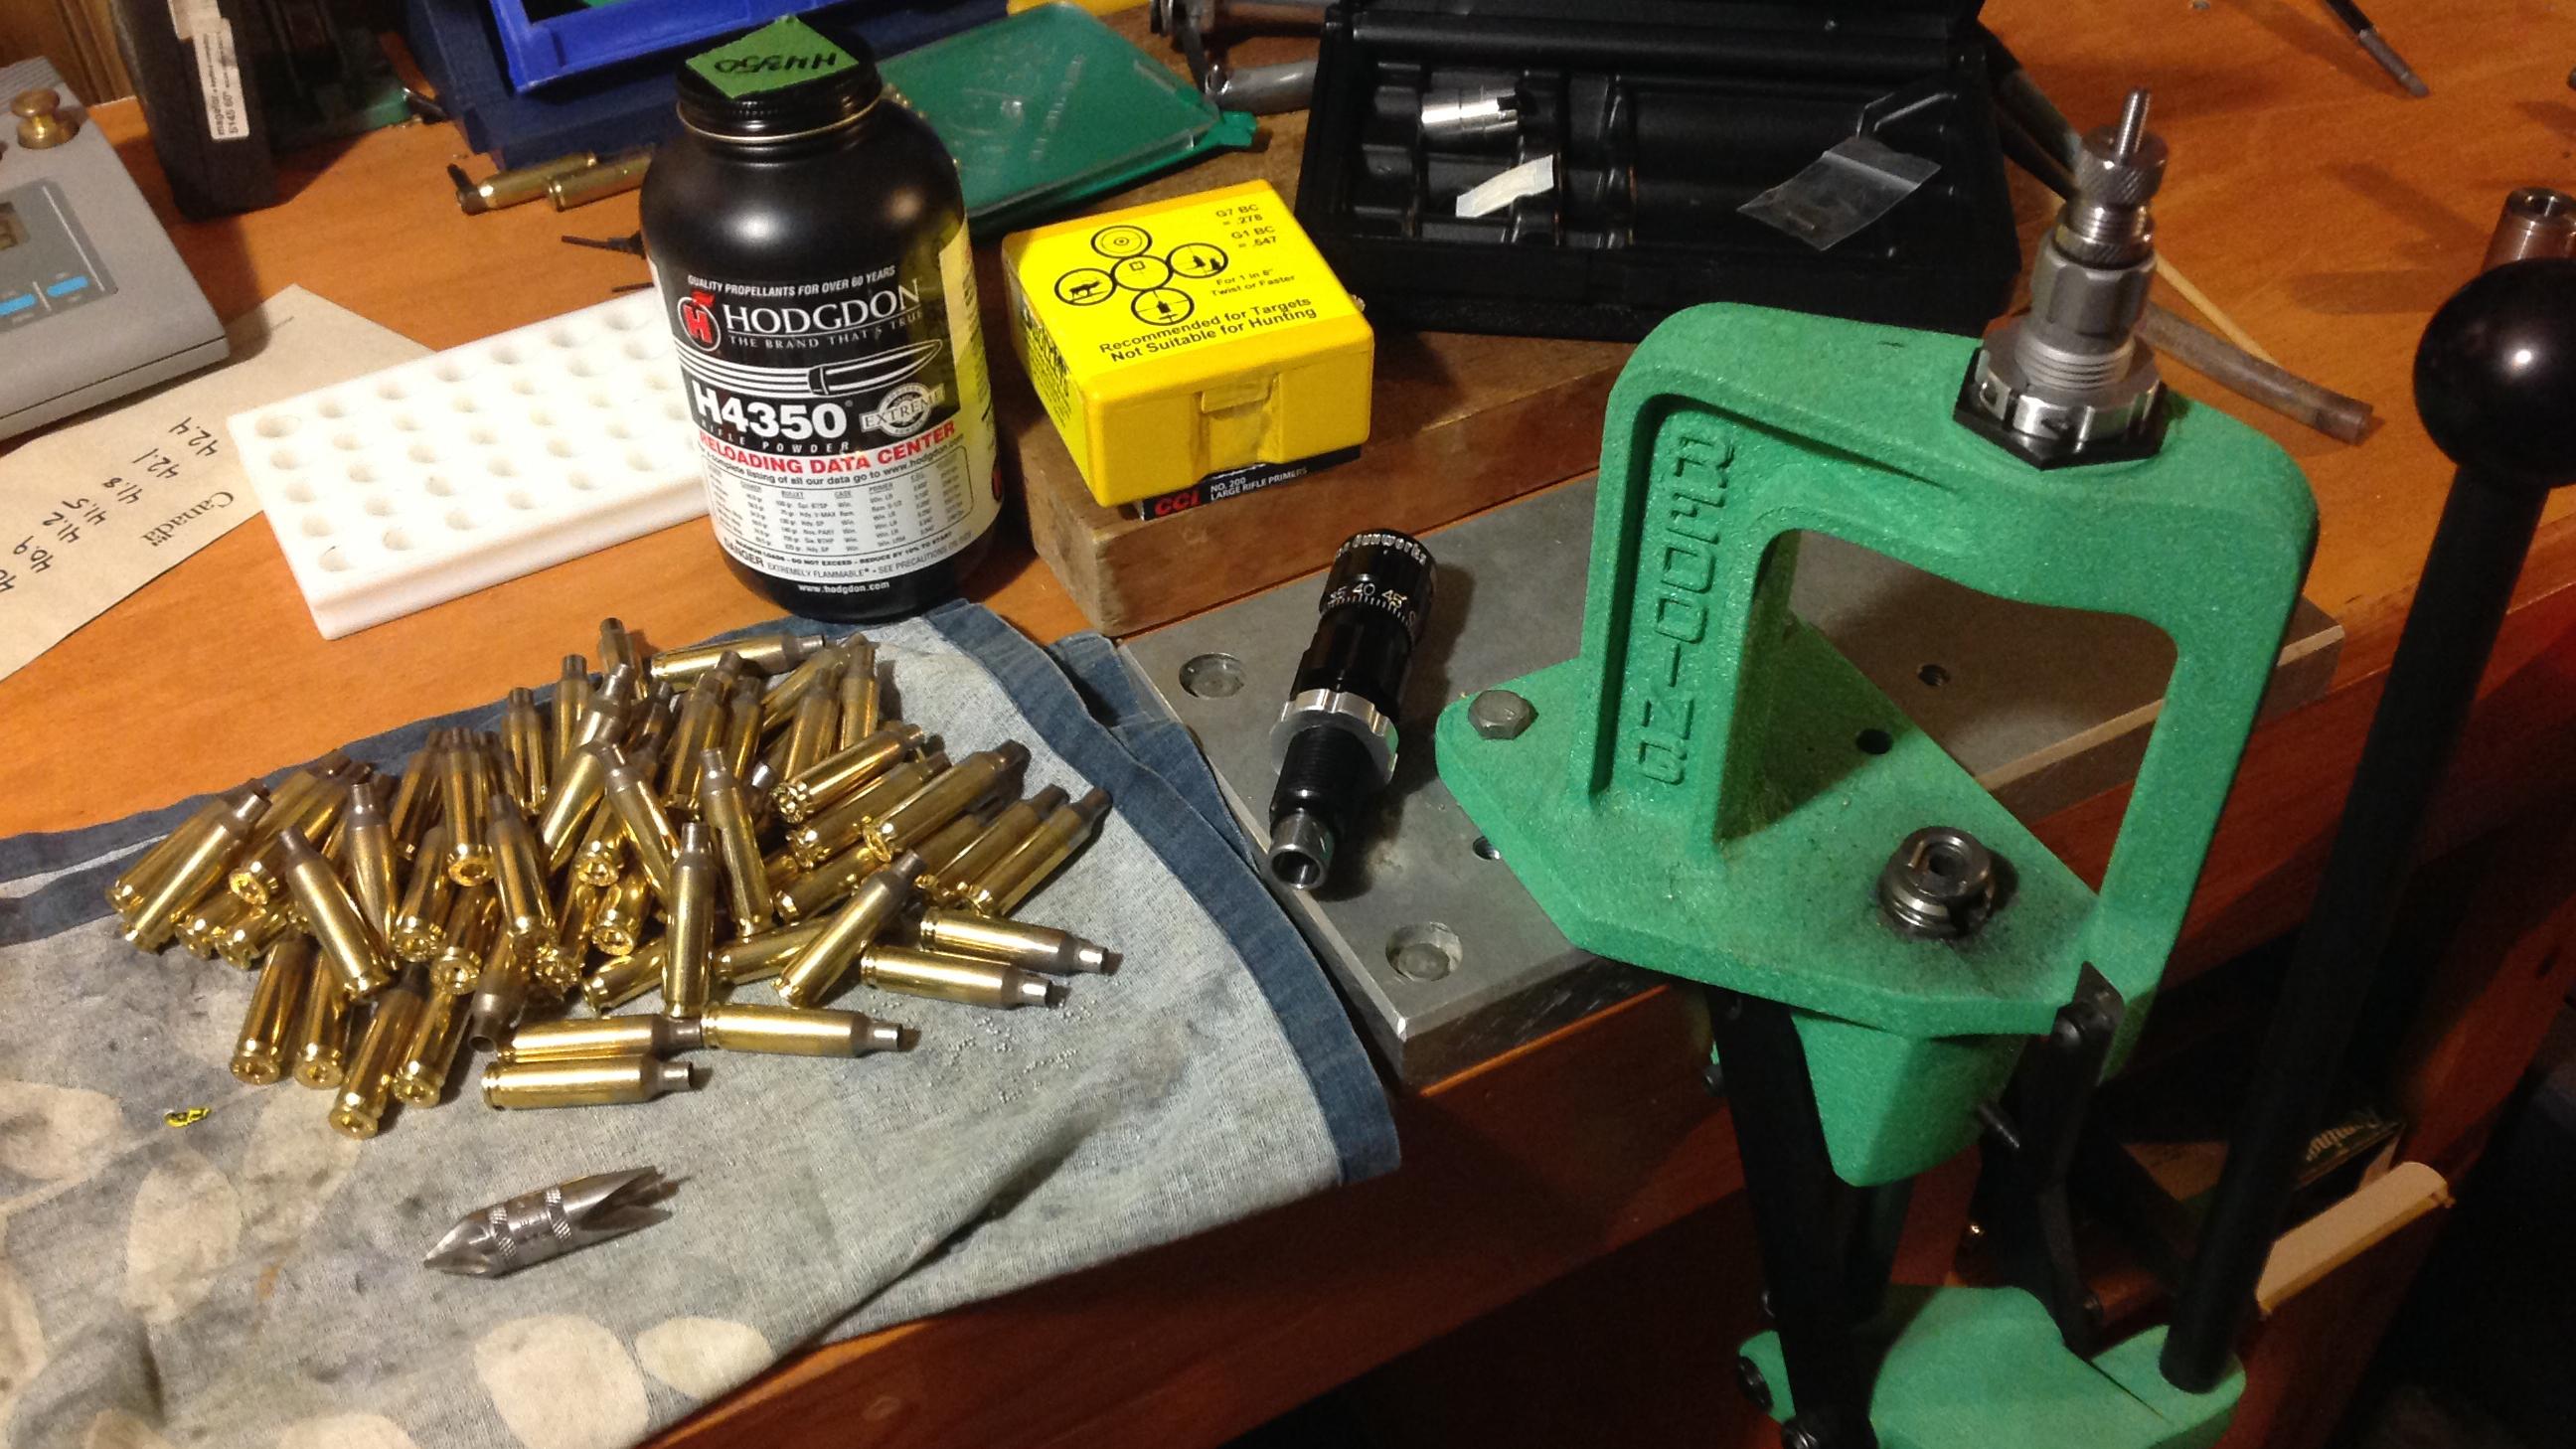 6mm creedmoor components.jpg